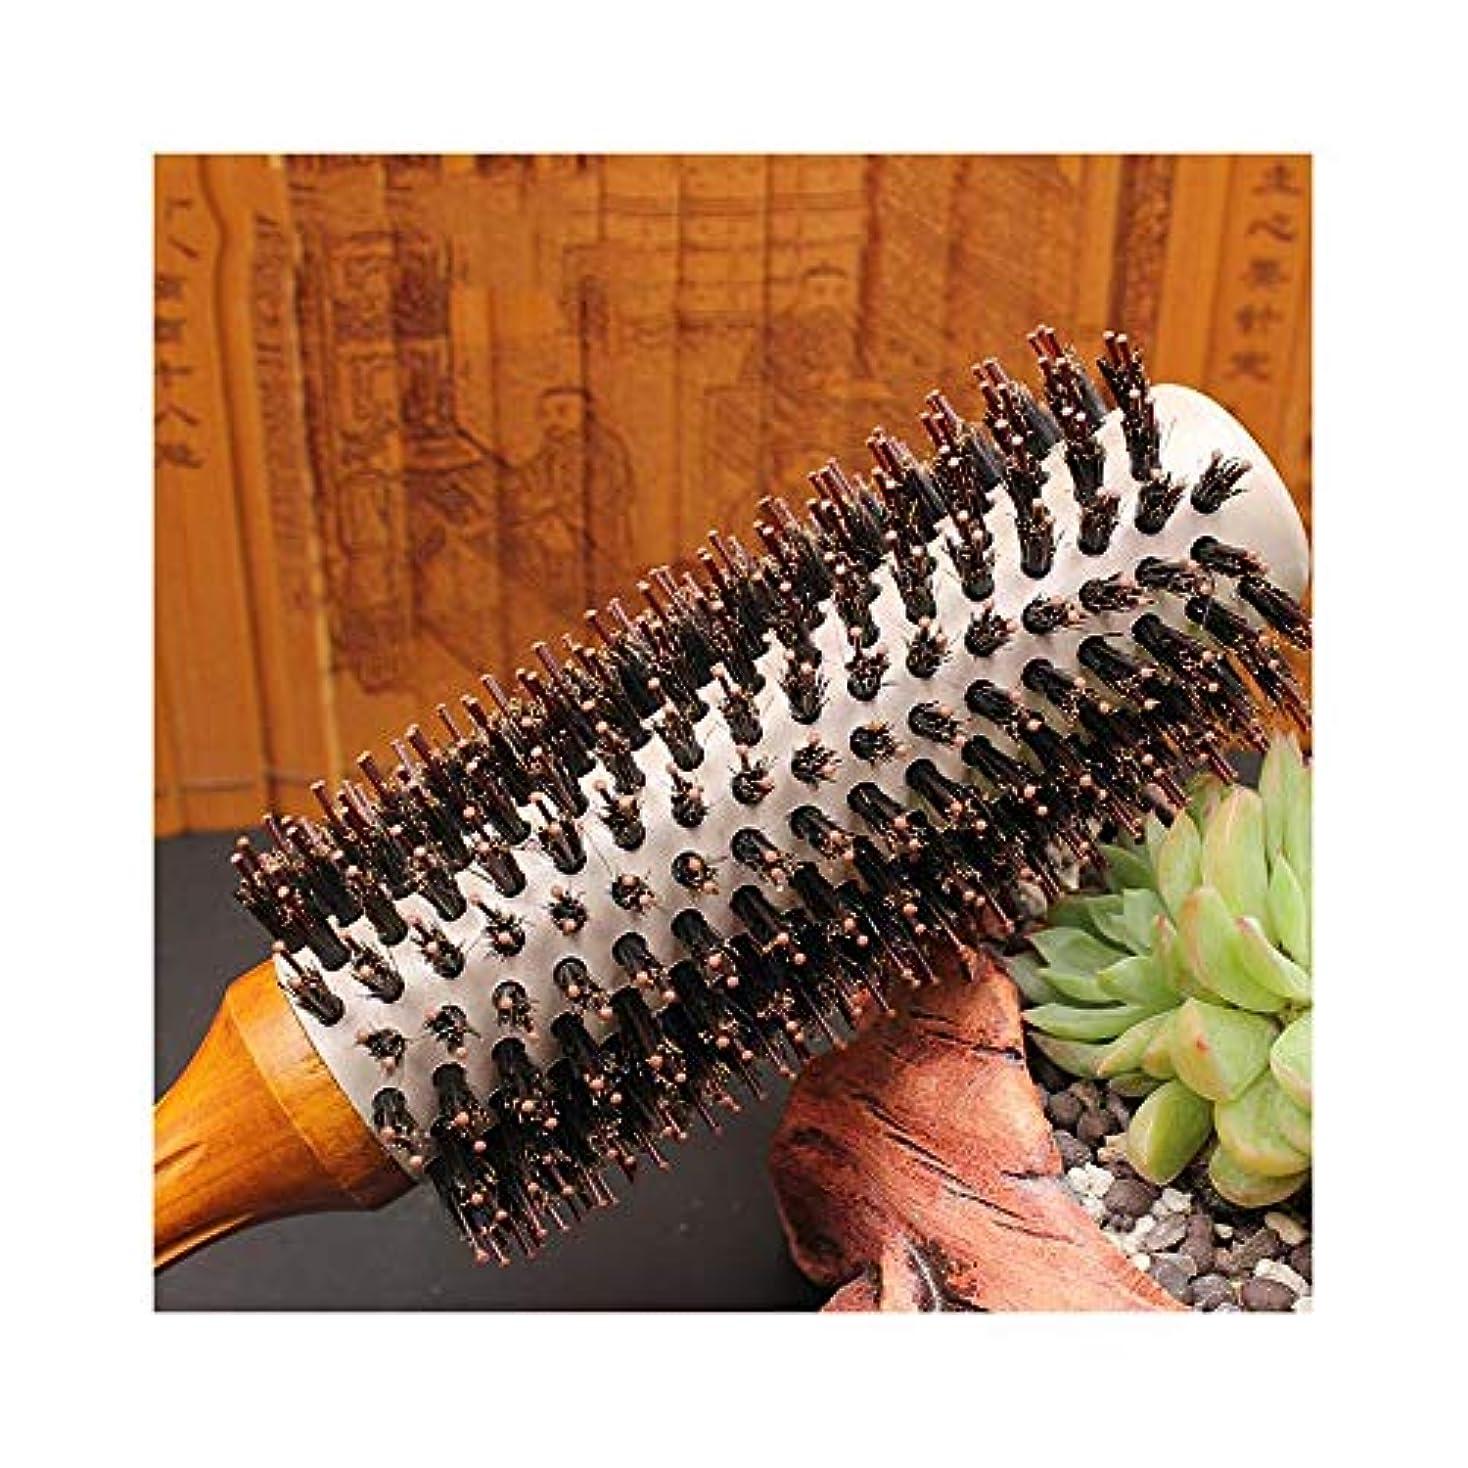 パーフェルビッド報いる不従順すべてのヘアスタイルのためにイノシシ毛&ナイロンピン - イノシシ毛ラウンド櫛ドライヘアブラシブロー ヘアケア (サイズ : XL)